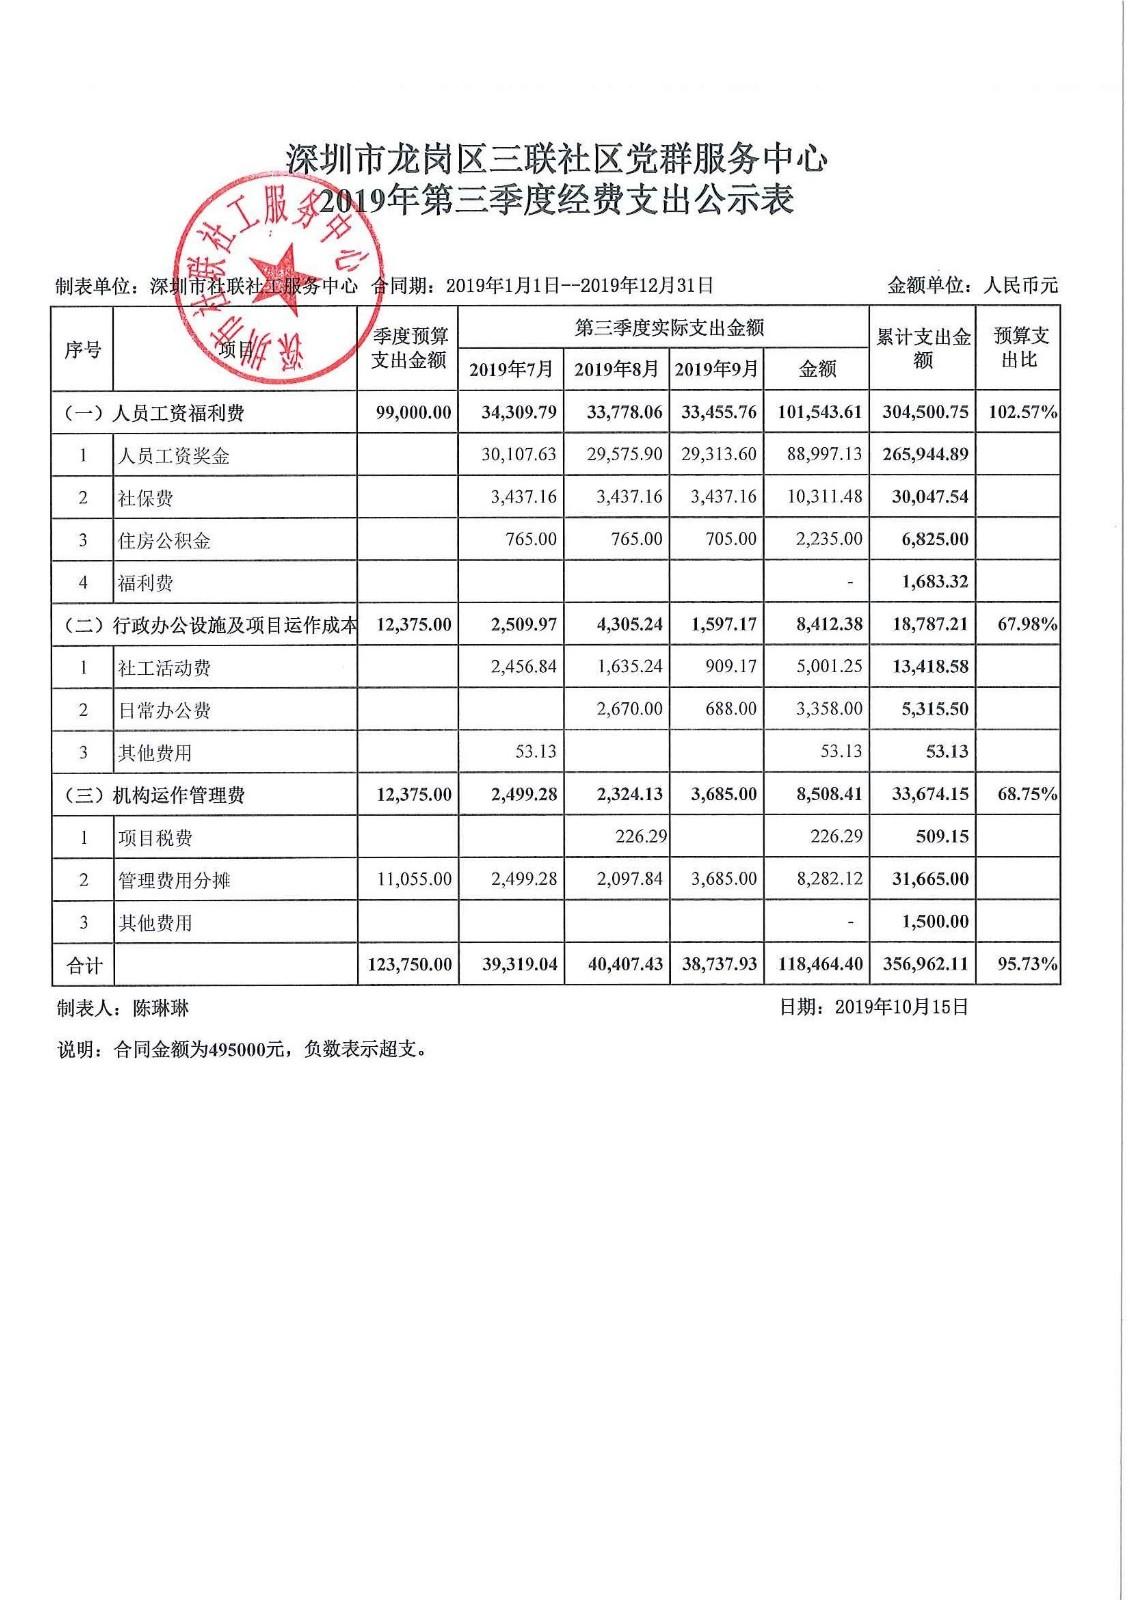 2019年第三季度三联社区费用公示表